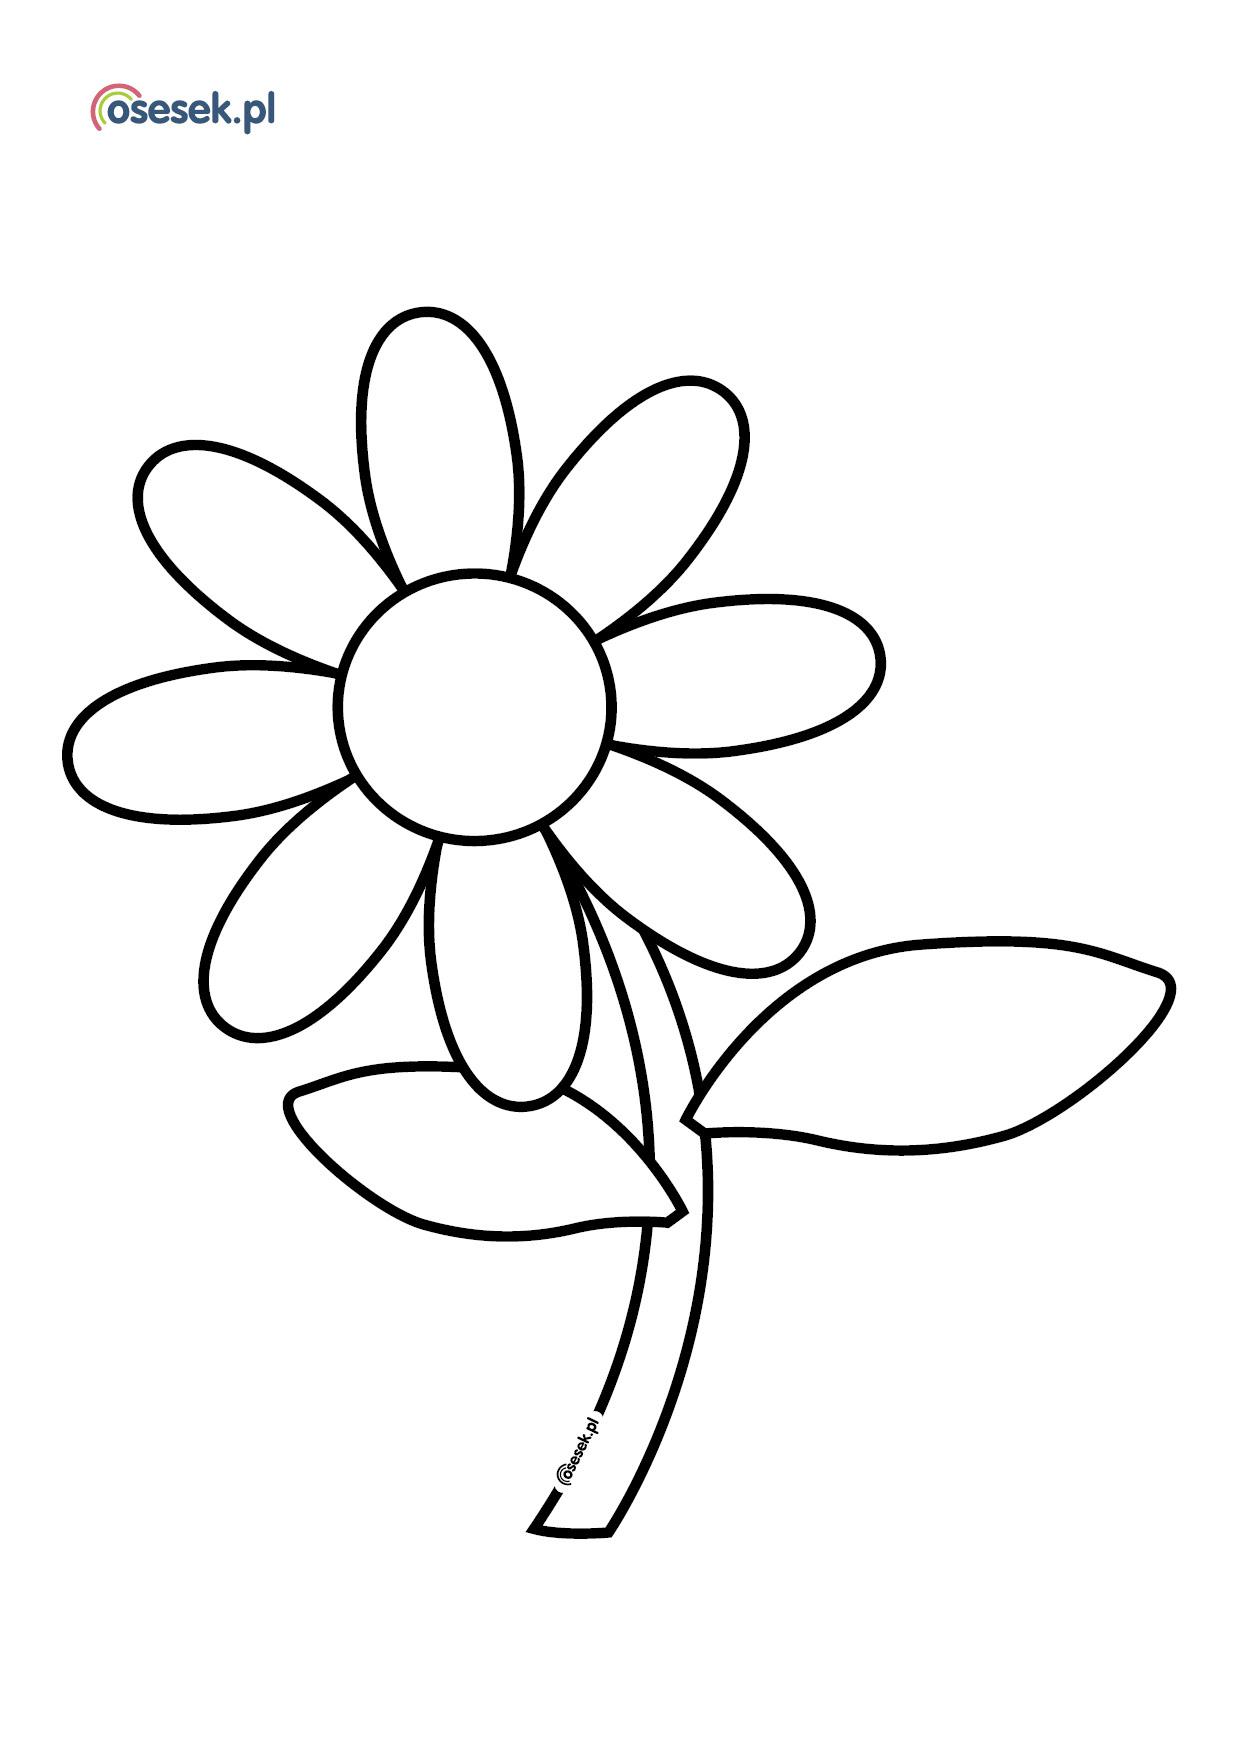 Kolorowanki Kwiat Malowanki Kolorowe Kwiaty Kolorowanka